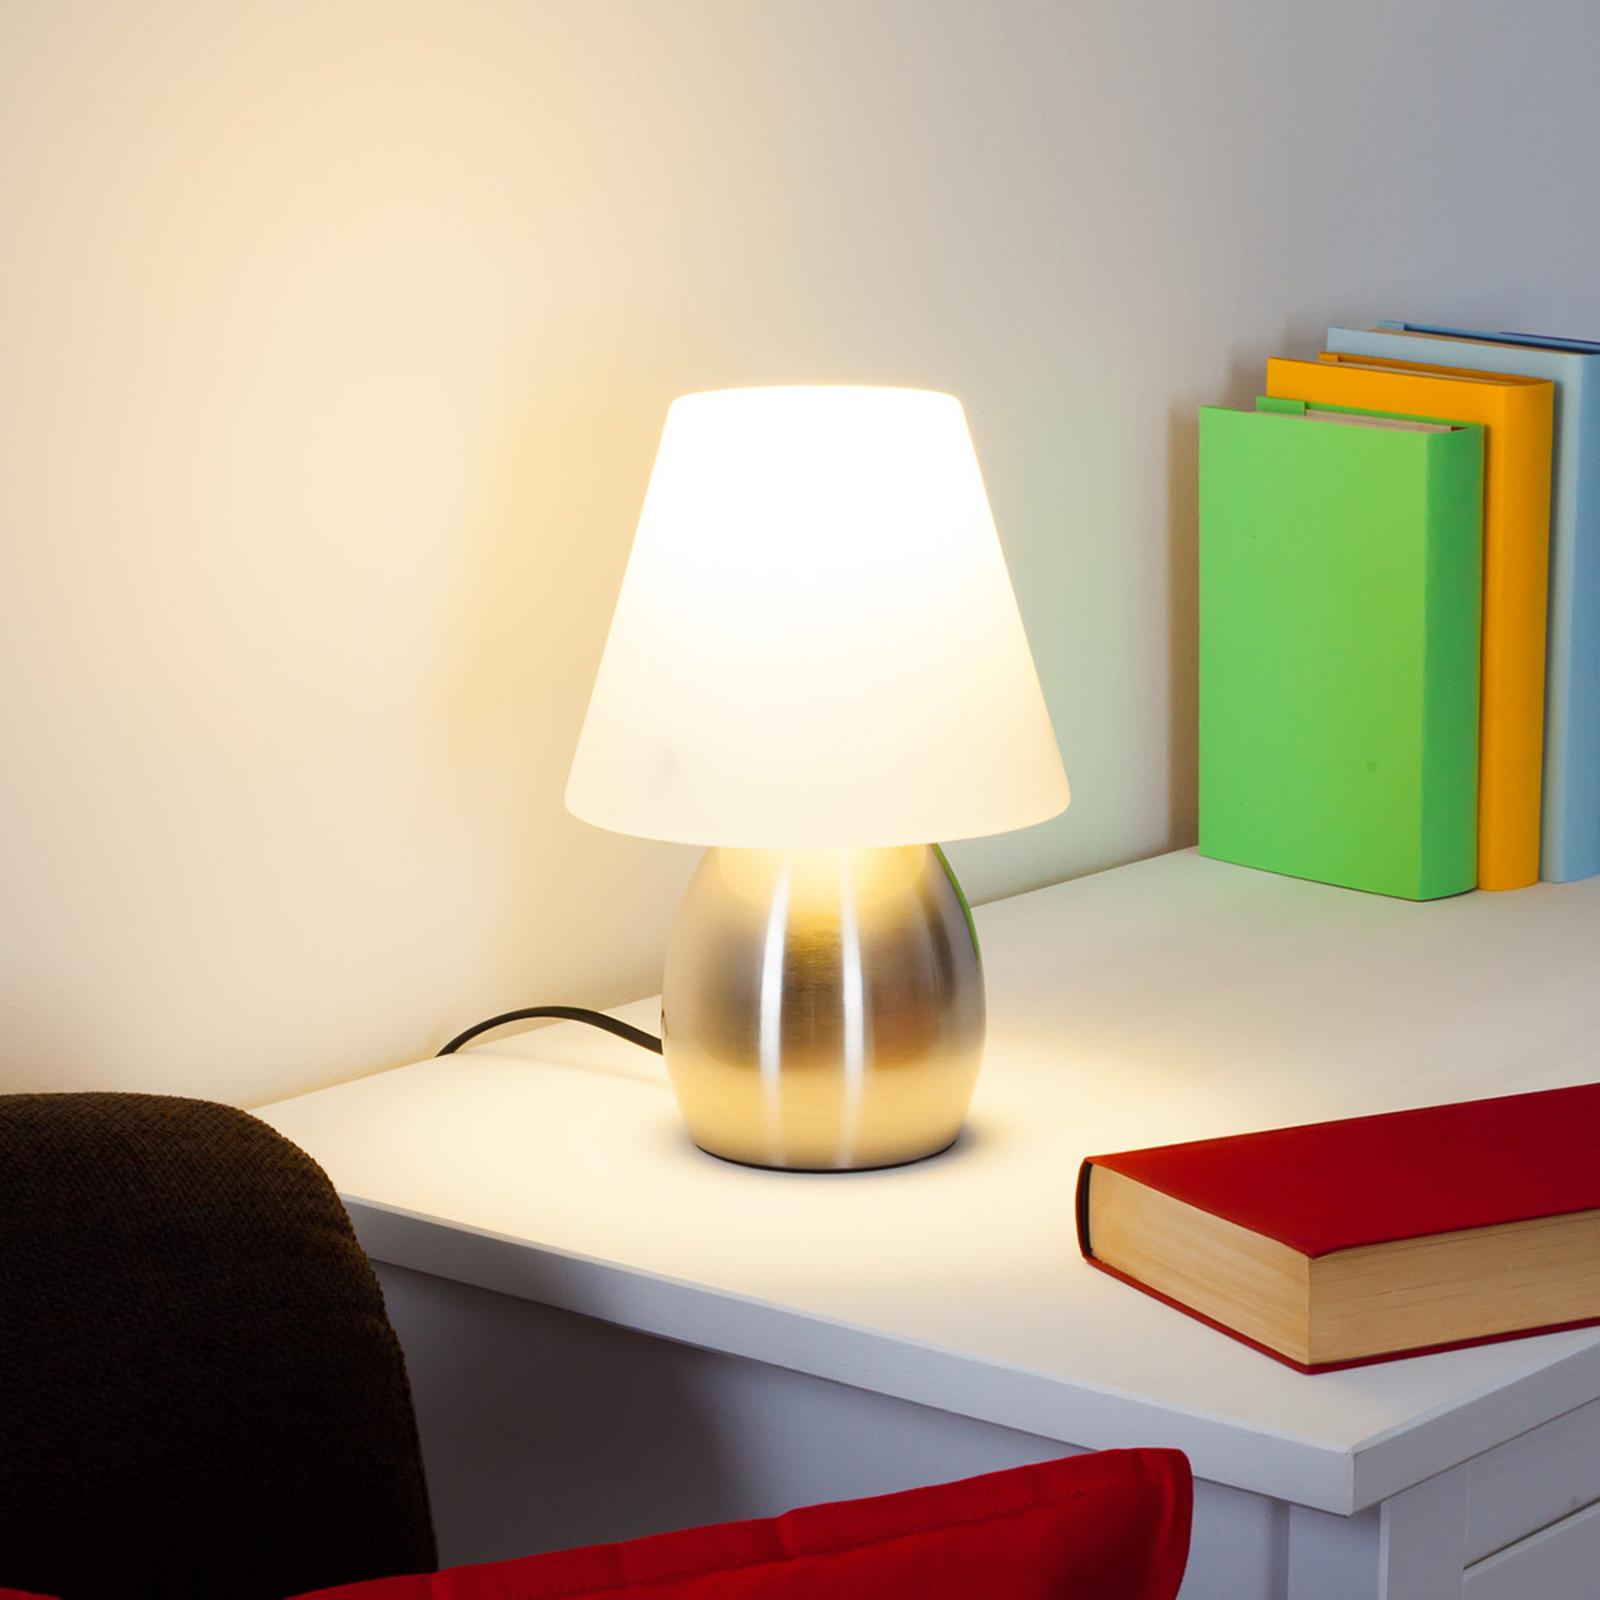 Dekorative Tischlampe Emilan mit E14-LED-Lampe kaufen ...